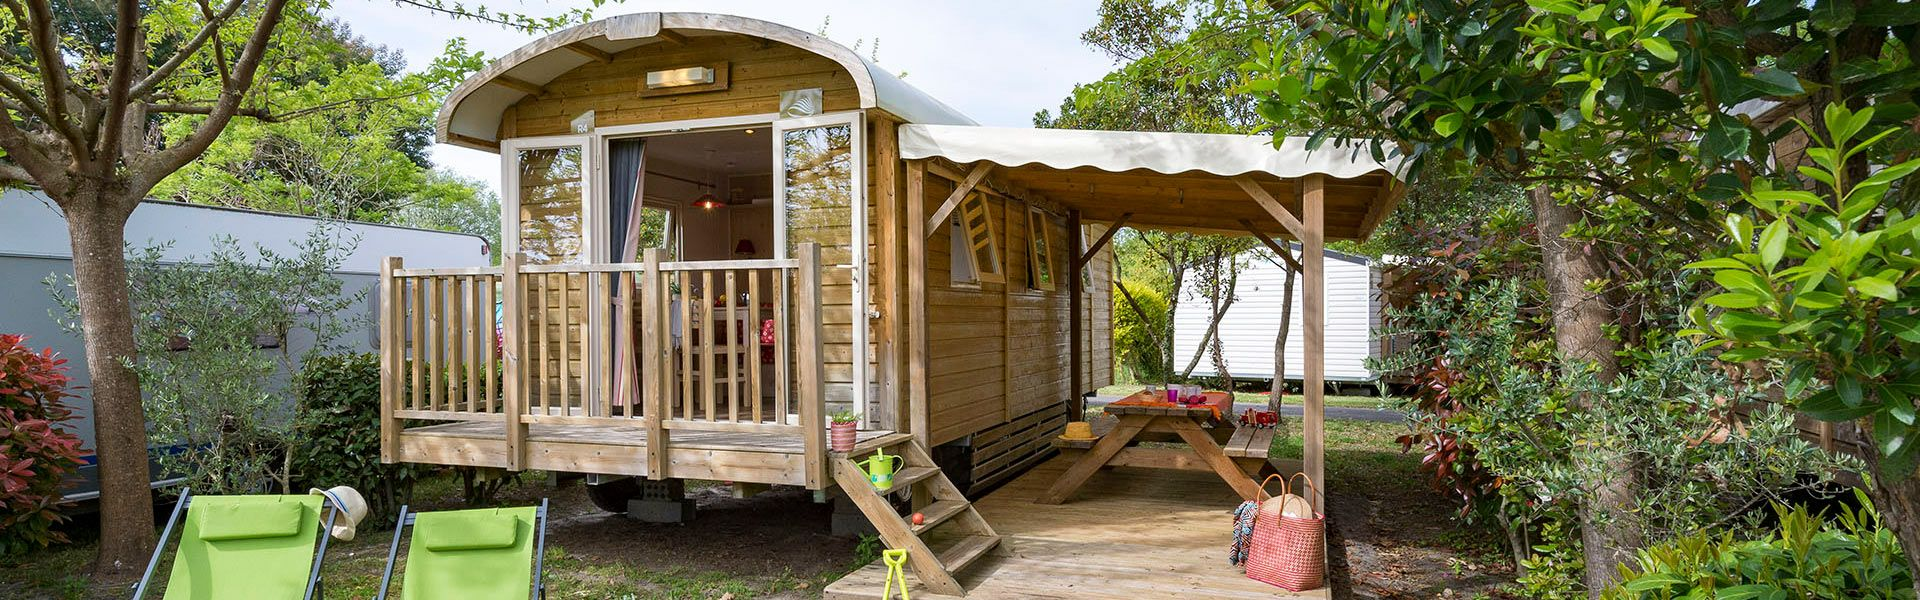 Camping Gypsy caravans